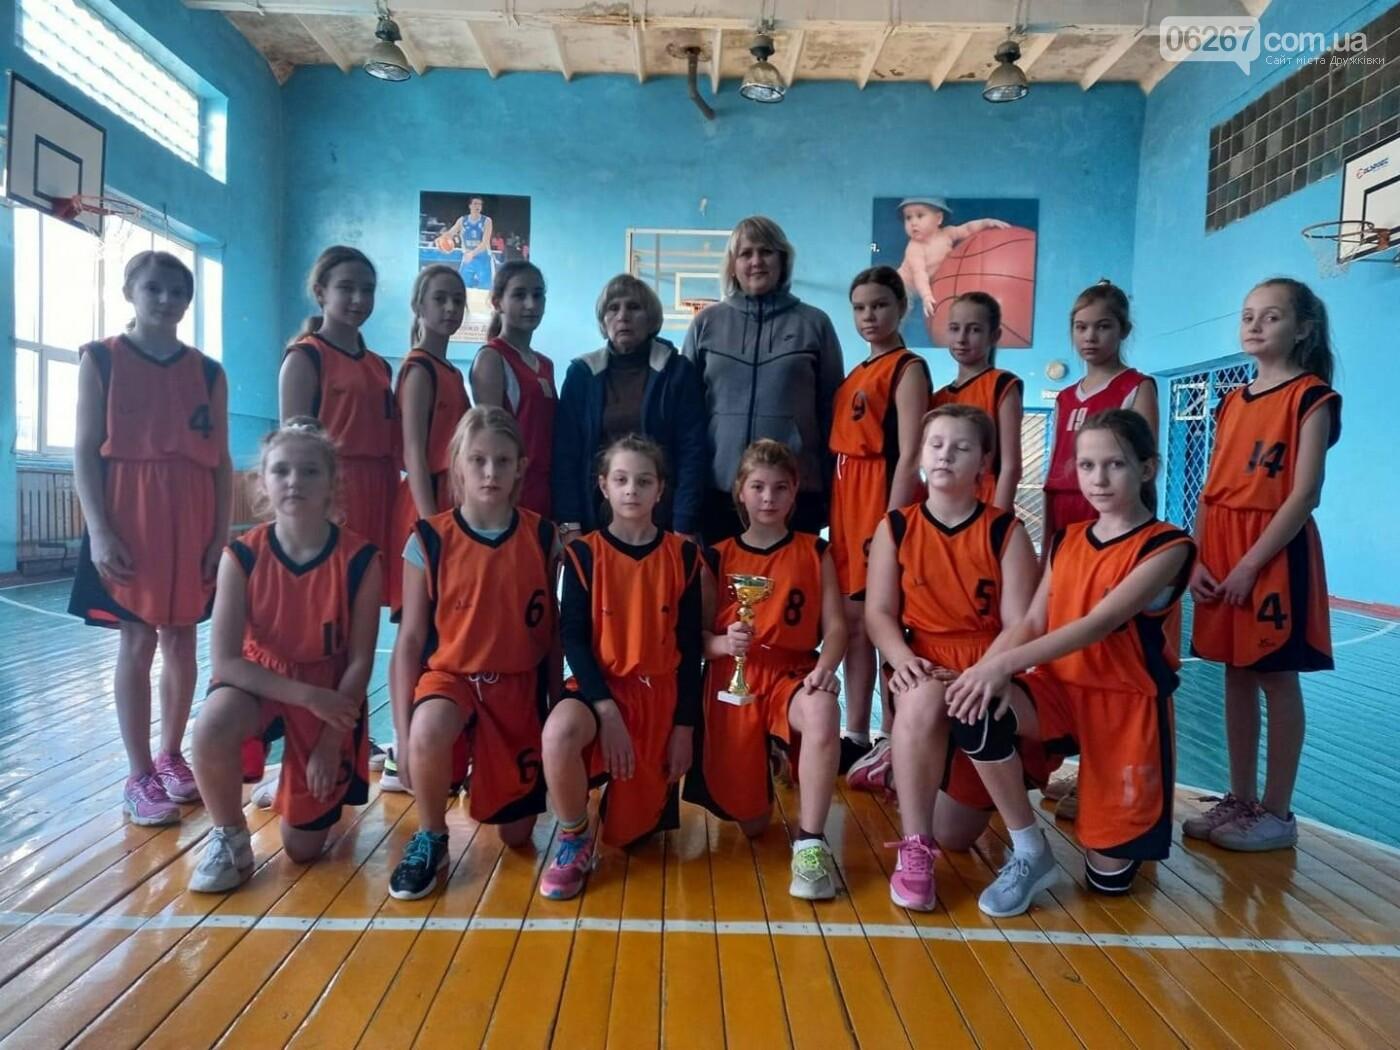 Дружківська команда дівчат перемогла у Чеміонаті Донецької області з баскетболу, фото-2